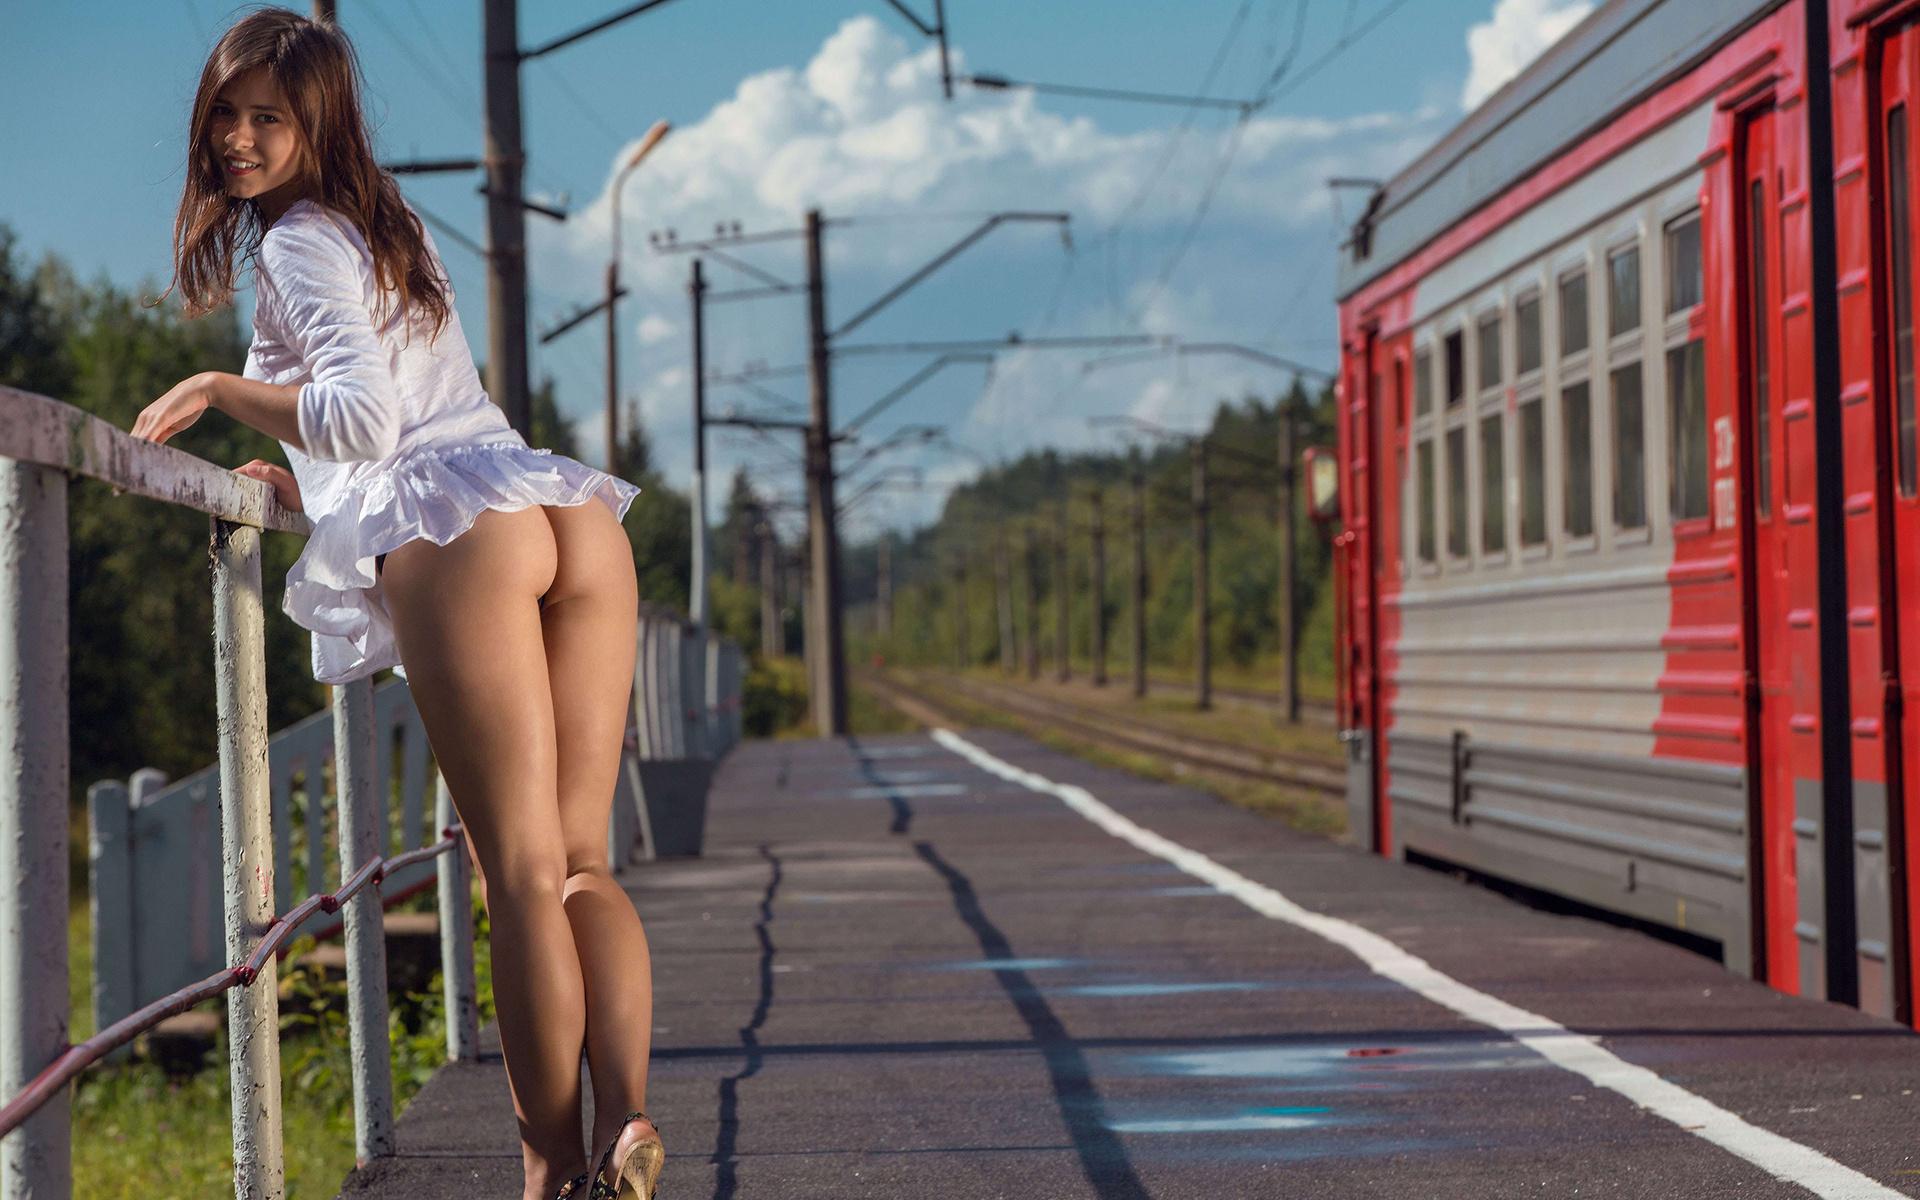 Эротическое фото девушка и тепловоз — photo 8